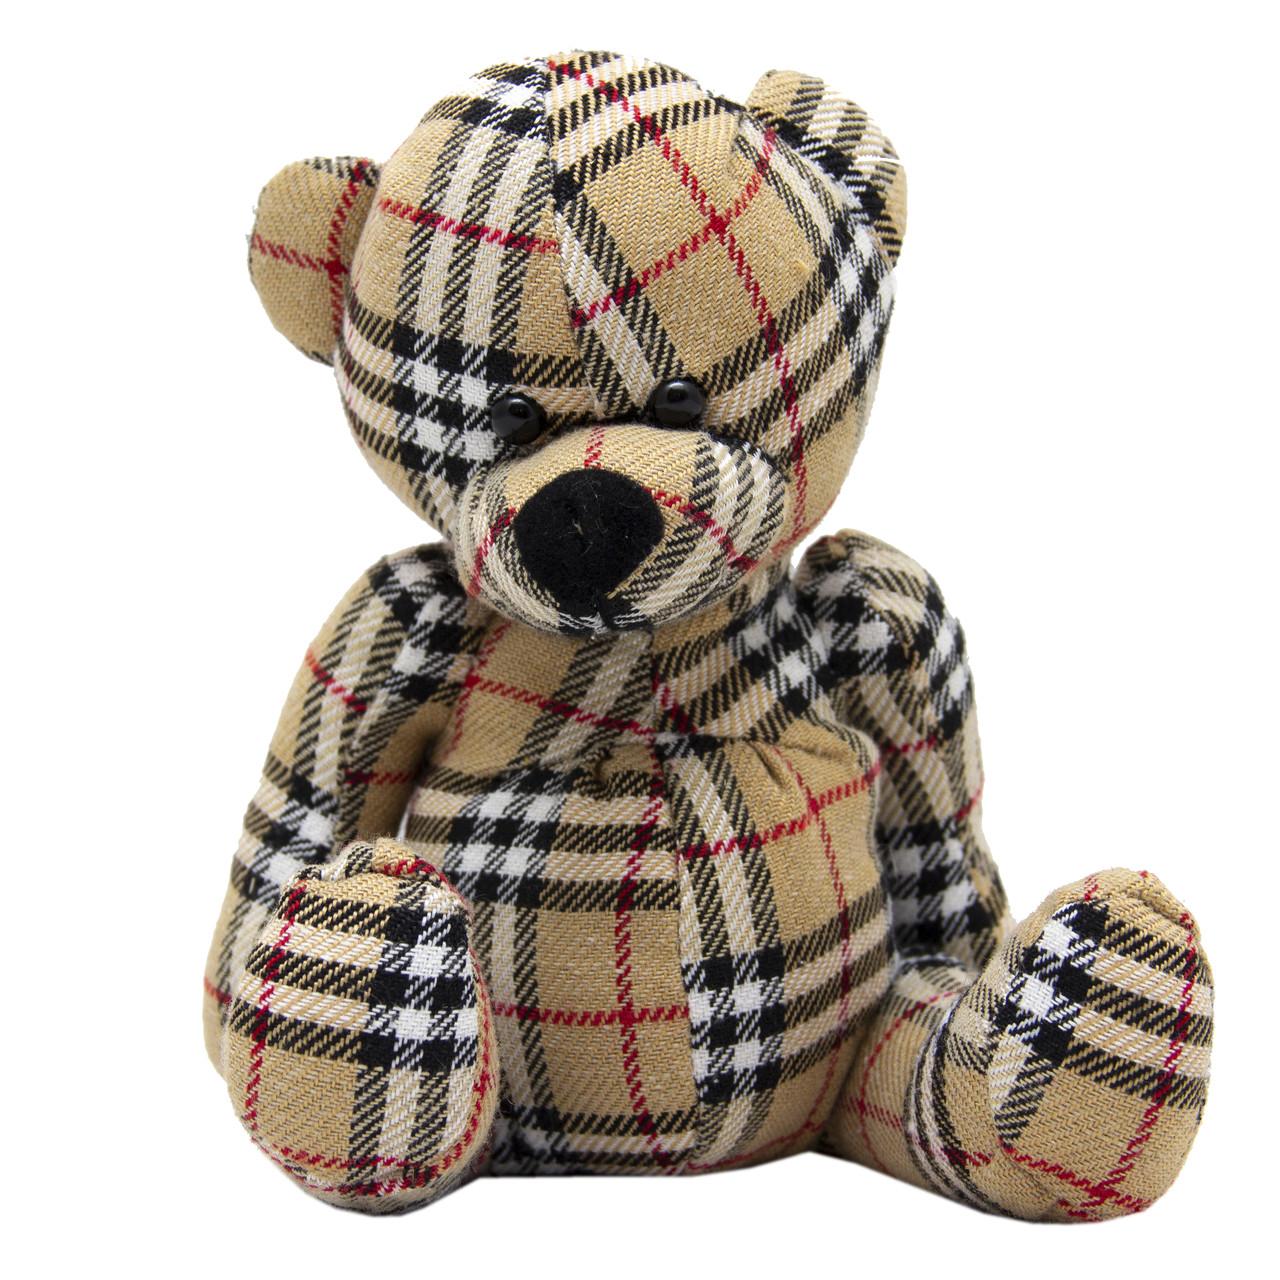 Мягкая игрушка - мишка, 15 см, бежевый, полиэстер (043113-6)